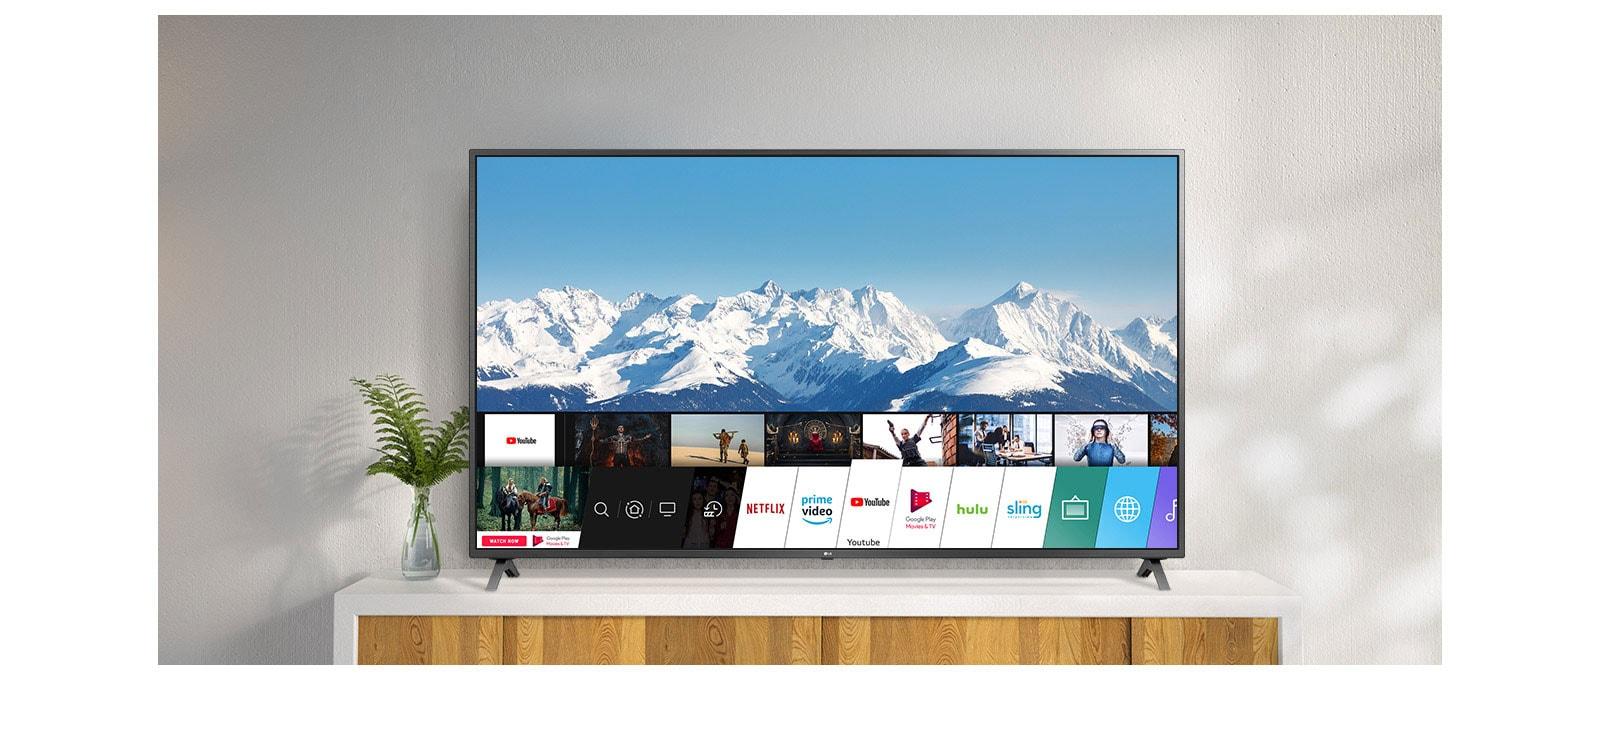 TV berdiri dengan penyangga putih di depan tembok putih. Layar TV menampilkan home screen dengan webOS.